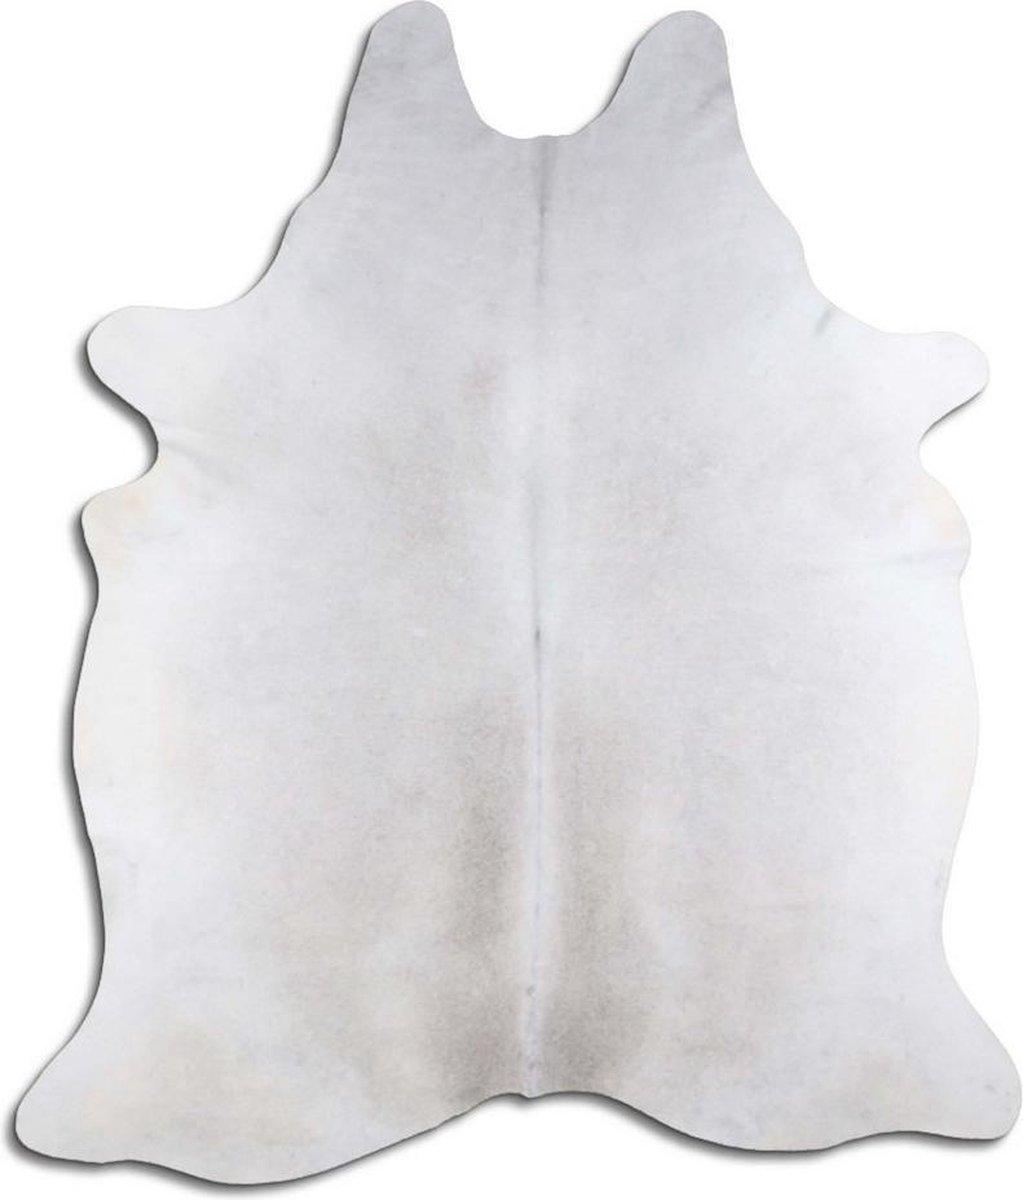 Koeienhuid 1624 Large vloerkleed - By Max - Grijs - 225x200 - Echt leer - Dierenvellen